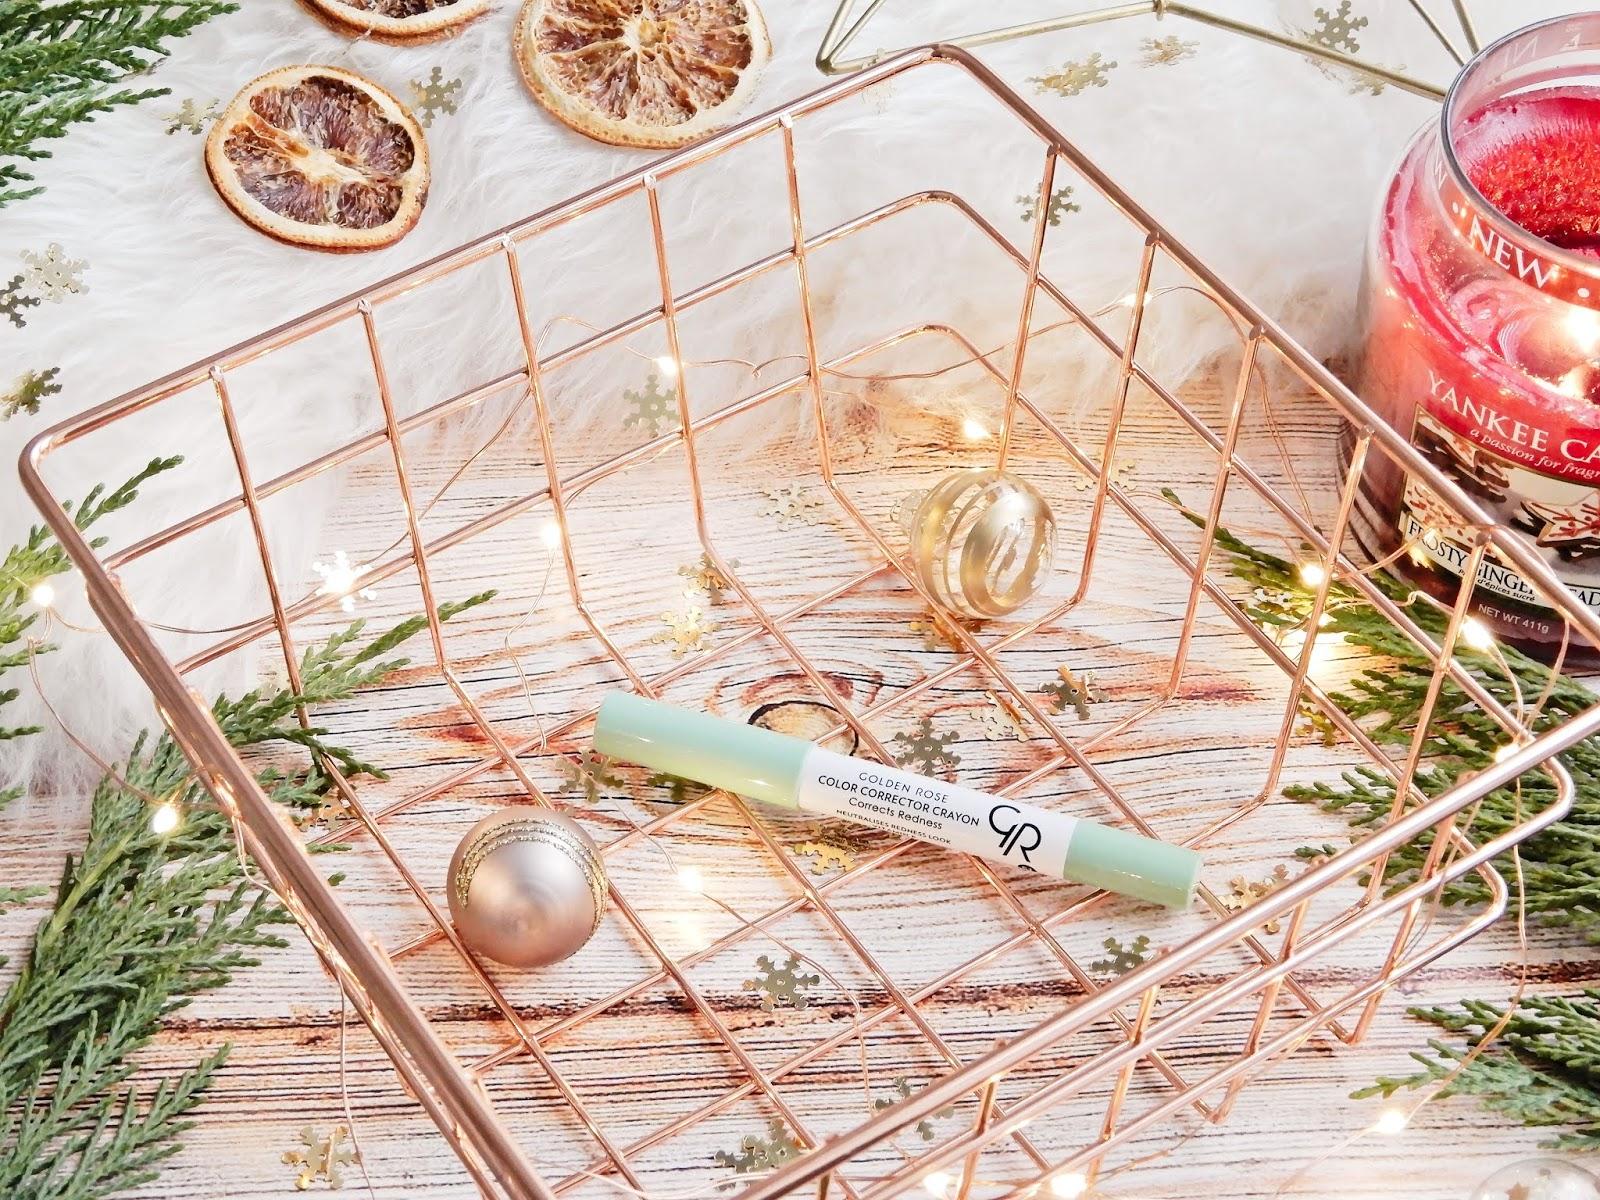 Golden Rose Color Corrector Crayon Kamuflujący korektor w kredce, zielony korektor, zielona kredka, ukrywanie zaczerwienień, świąteczny makijaż z Golden Rose,